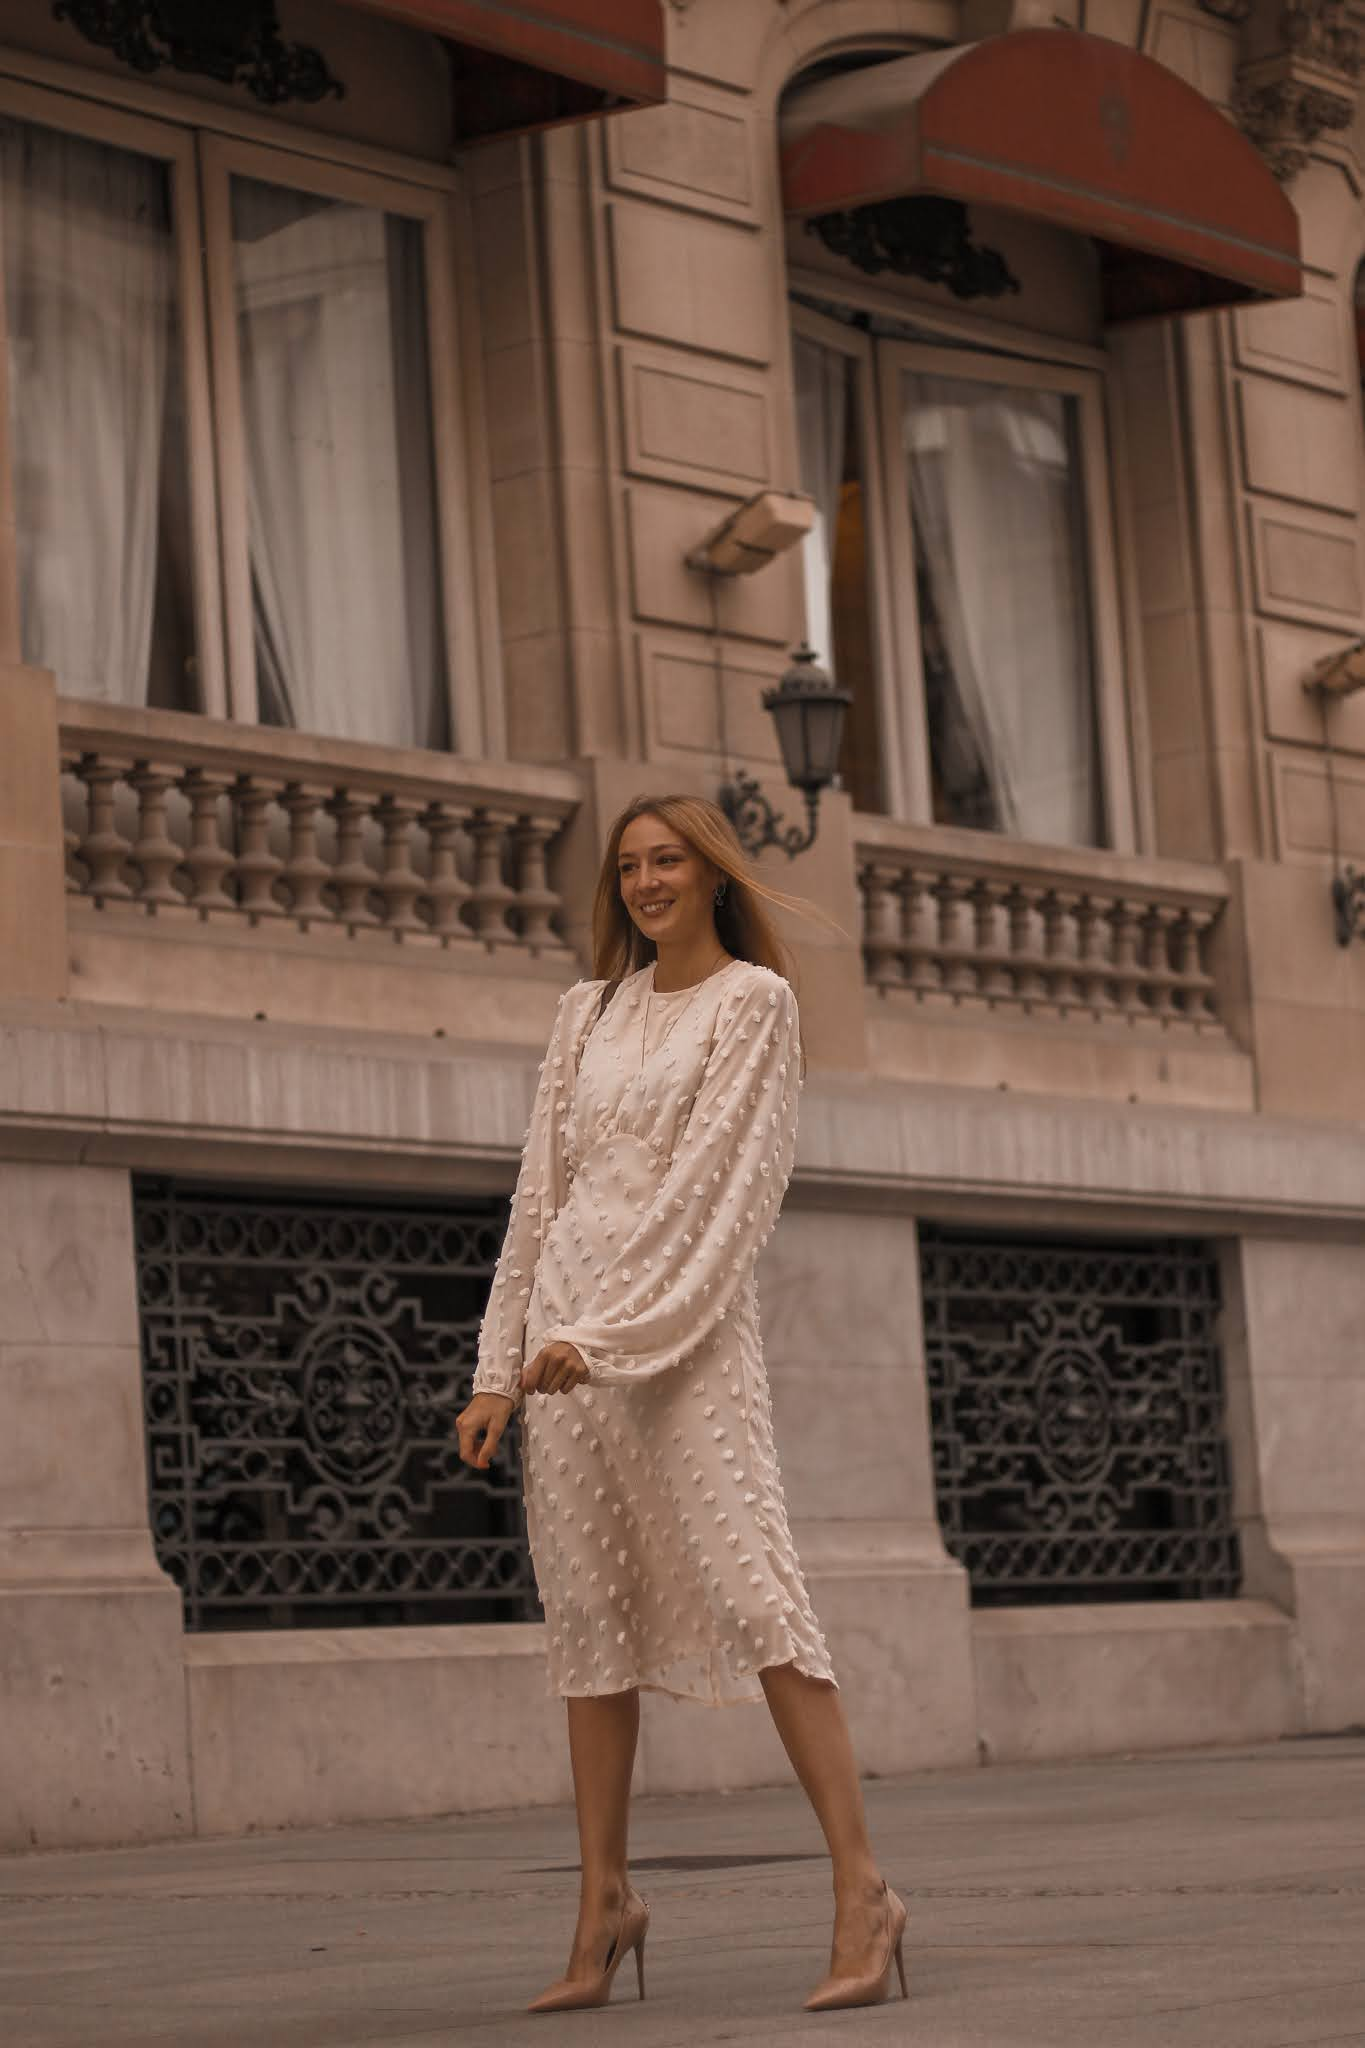 stilettos-tacones-vestido-midi-ocasiones-especiales-street-style